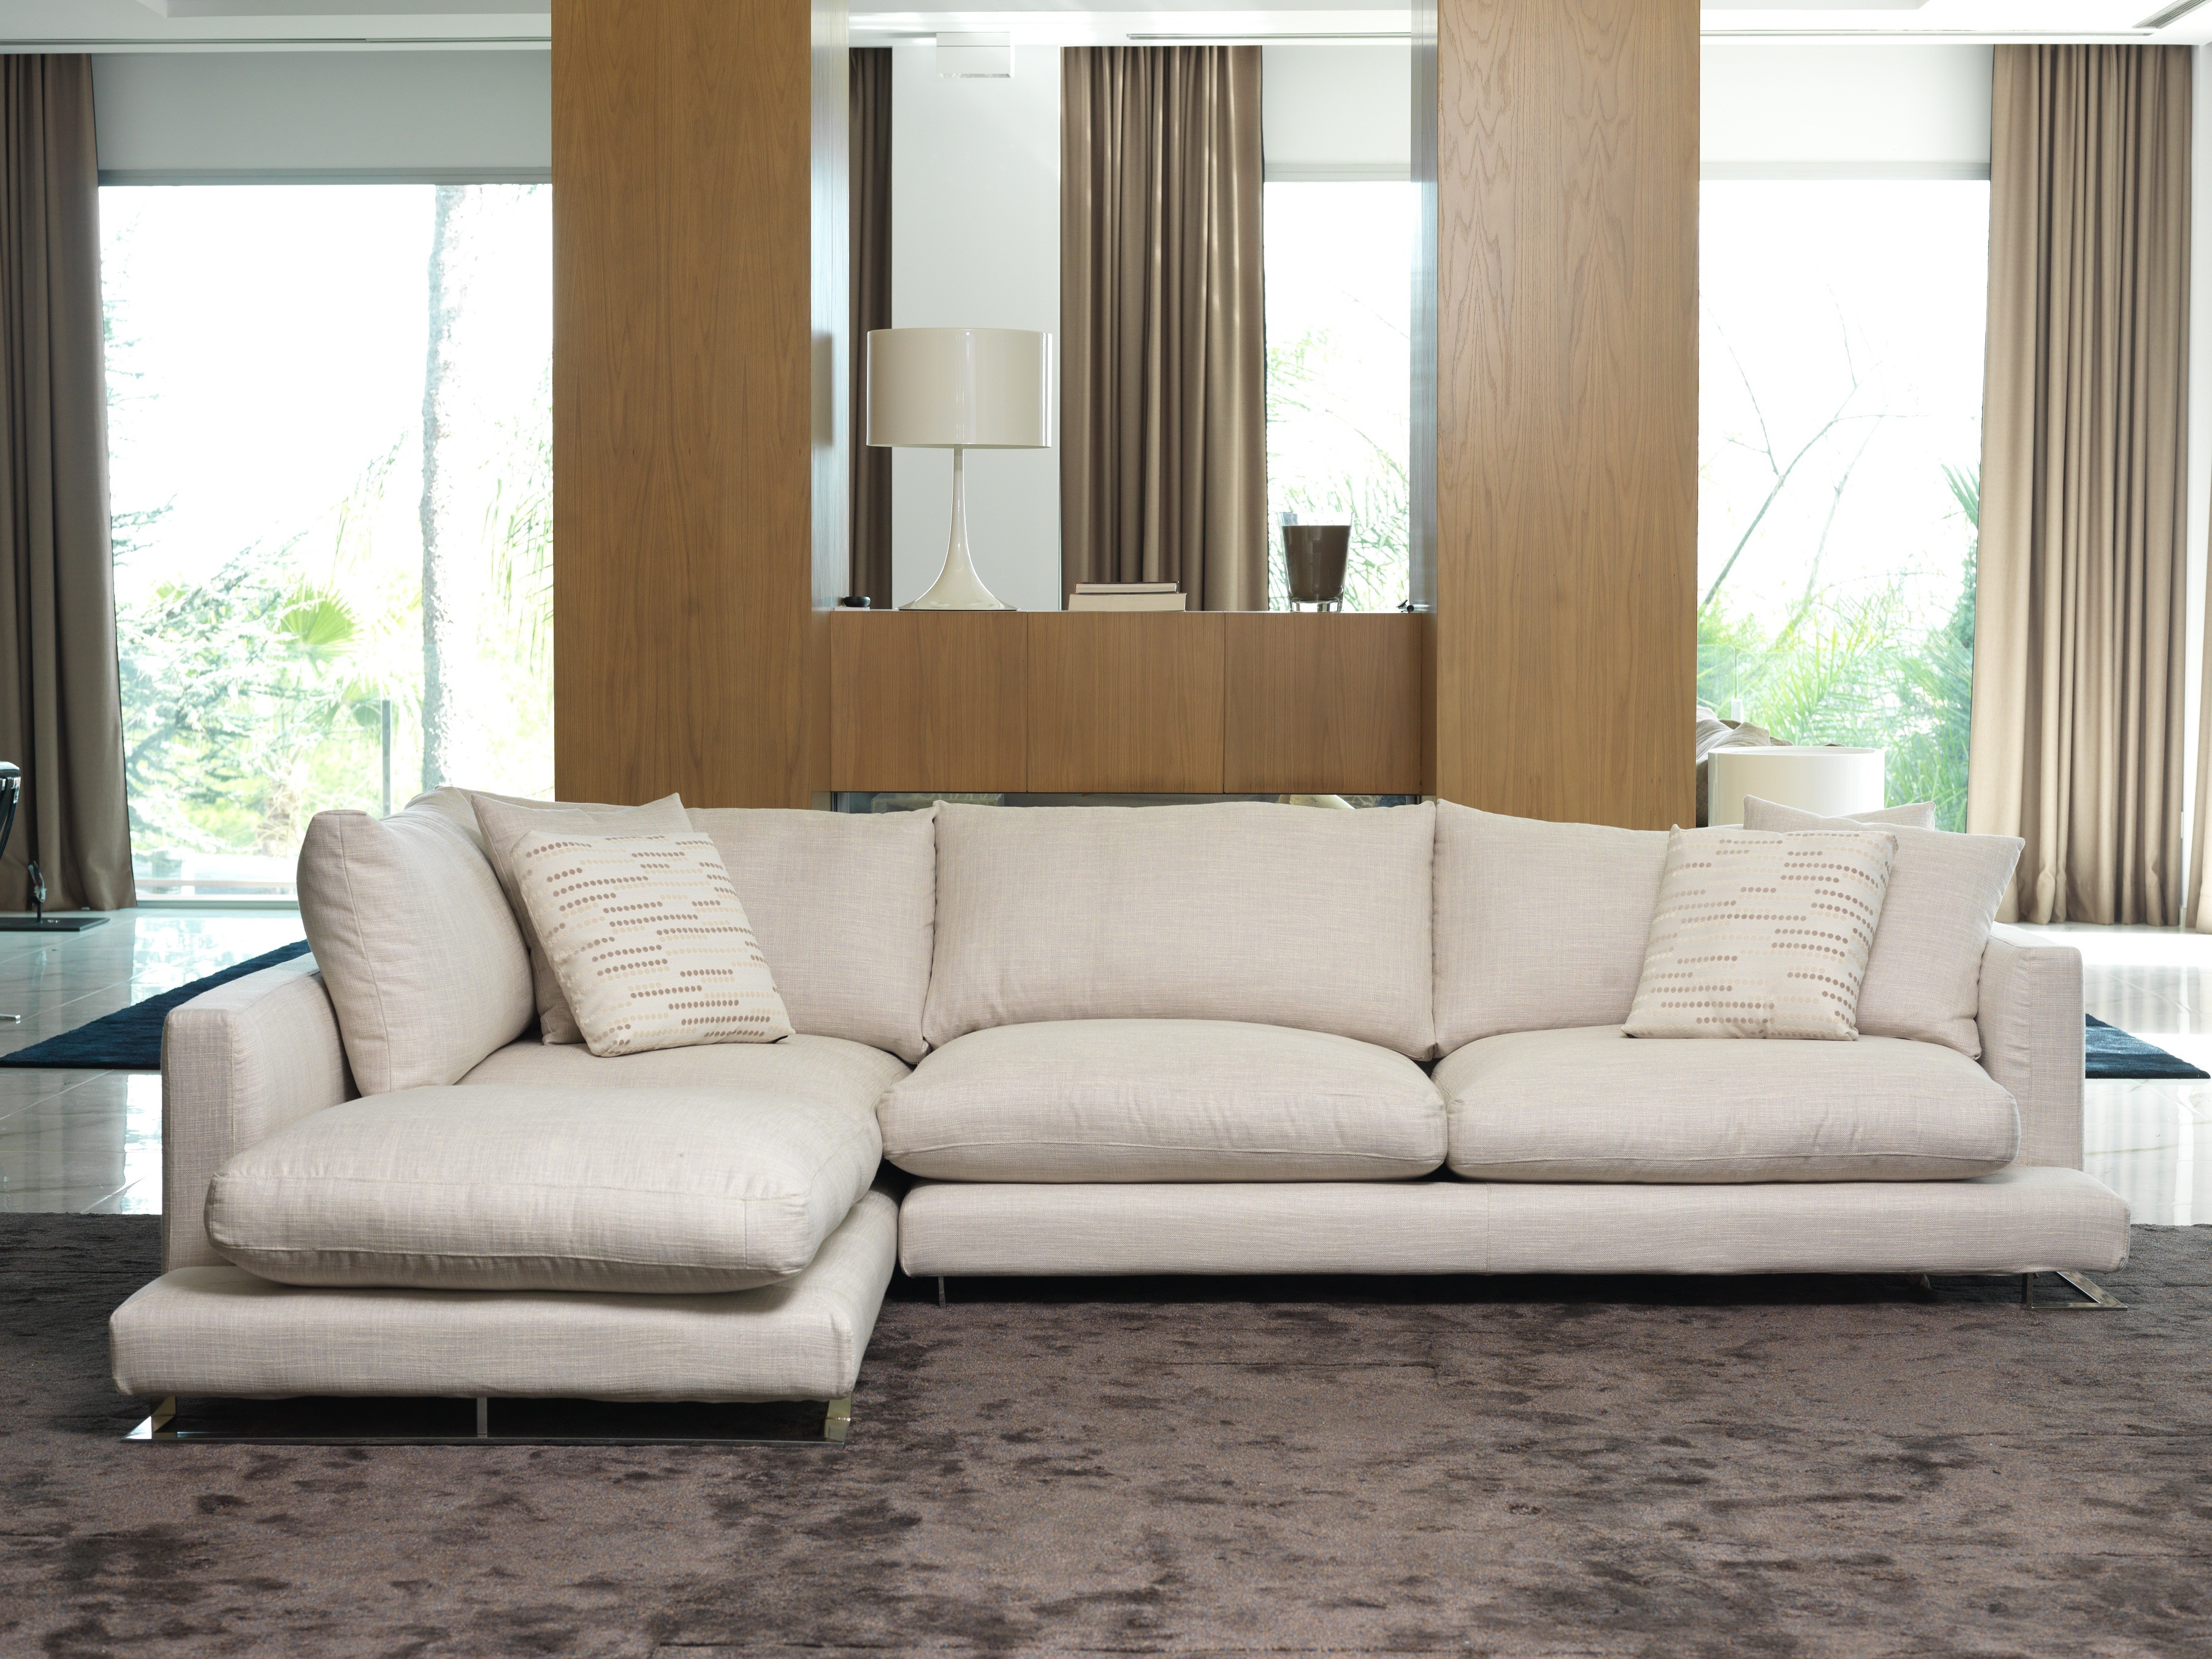 5 Razones para decorar tú casa con tonos neutros